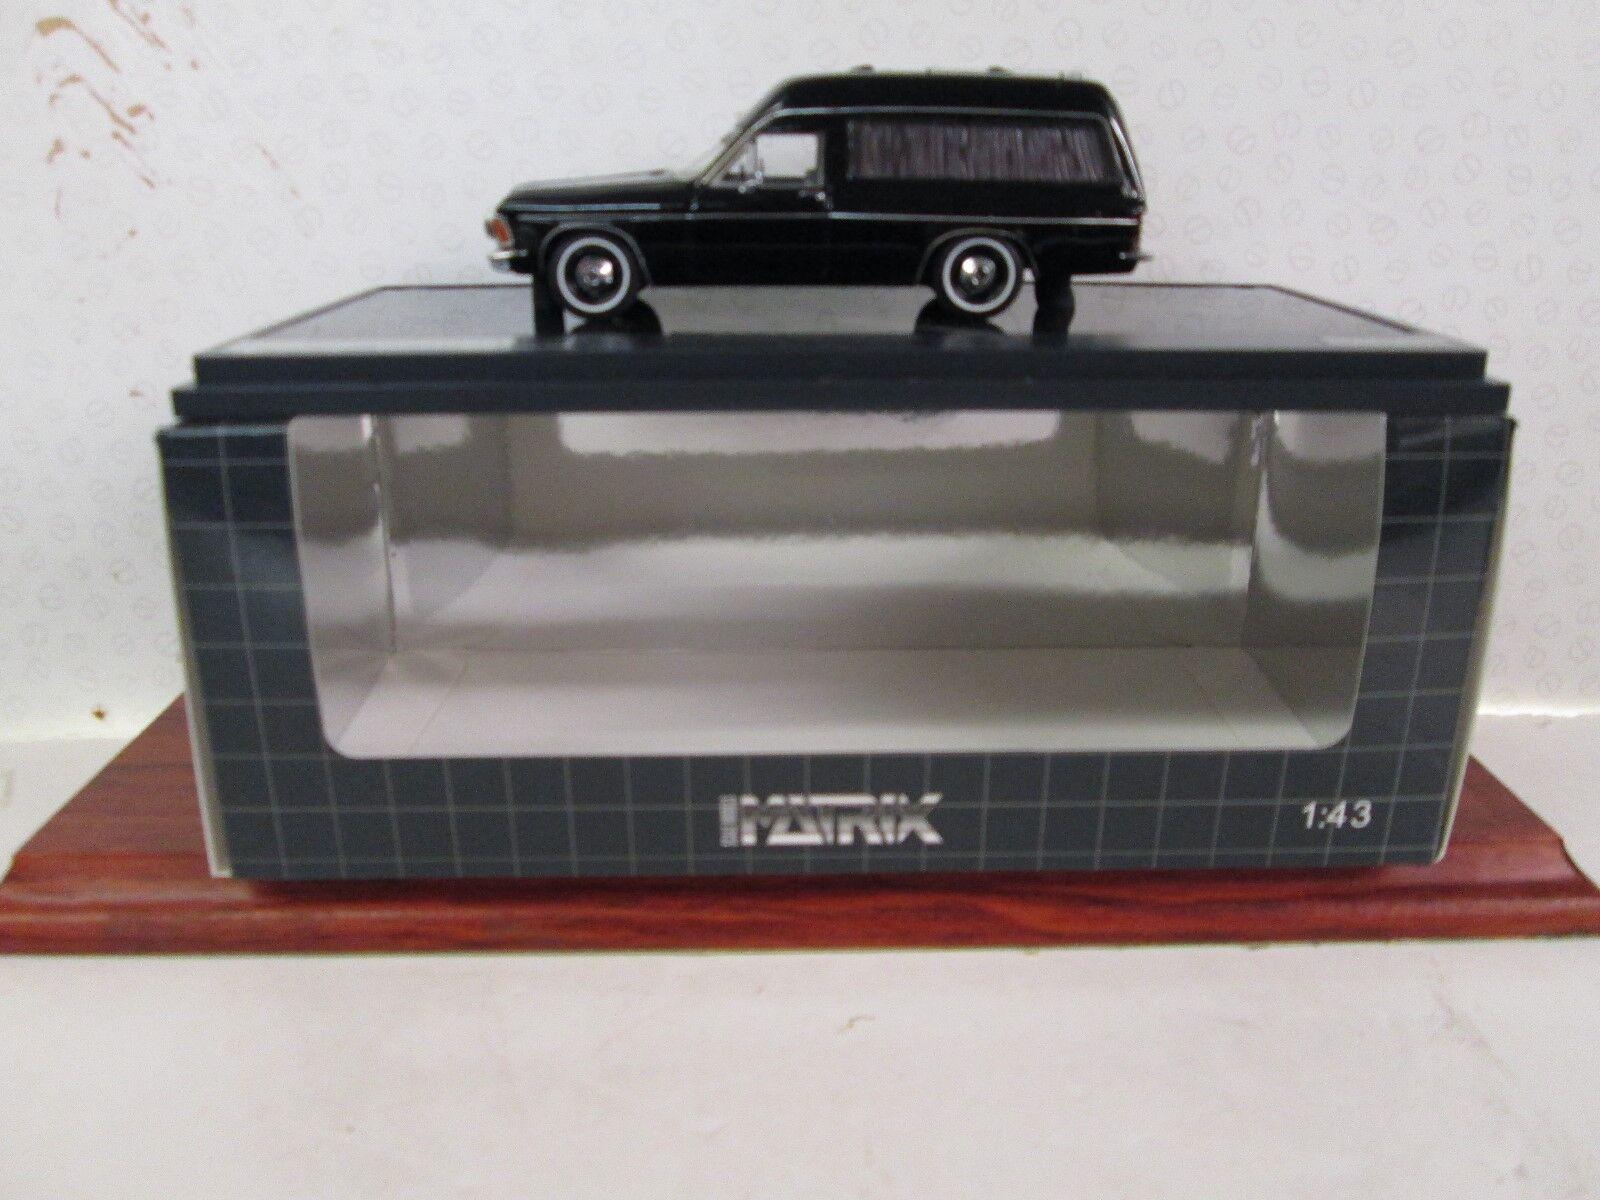 Matriz. Opel Admiral B Hearse. 1 43 Scale. Scale. Scale. Negro. Ltd Ed. MX 11502-021 c4457f